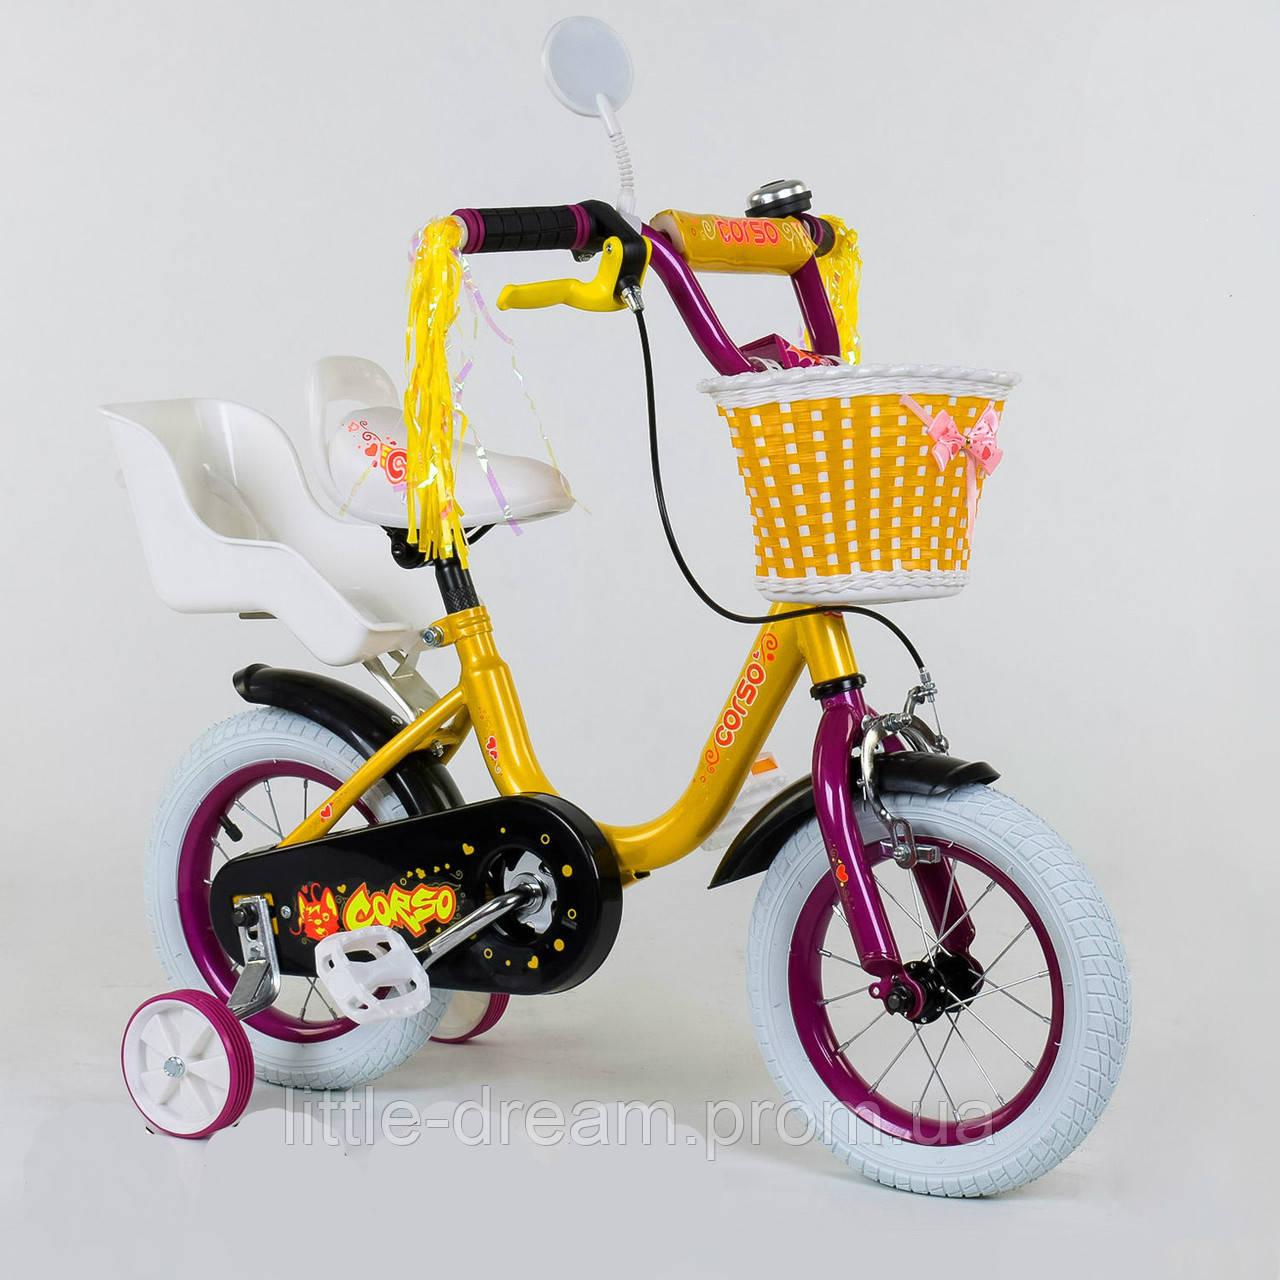 """Детский двухколёсный велосипед 12"""" с ручным тормозом и съемными страховочными колесами Corso 1292 желтый"""